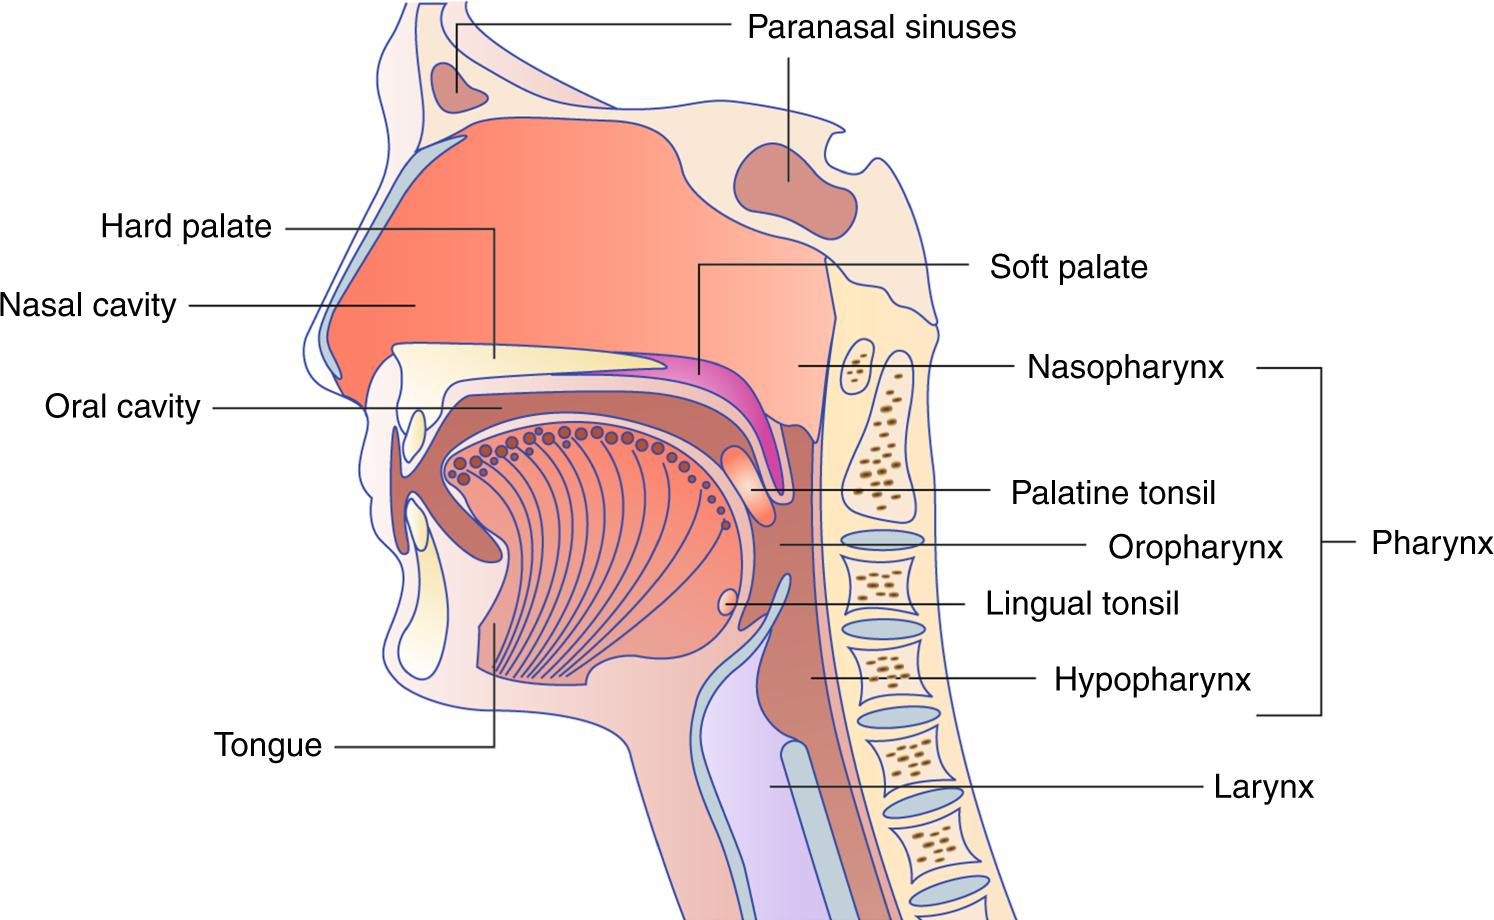 hpv human papillomavirus symptoms